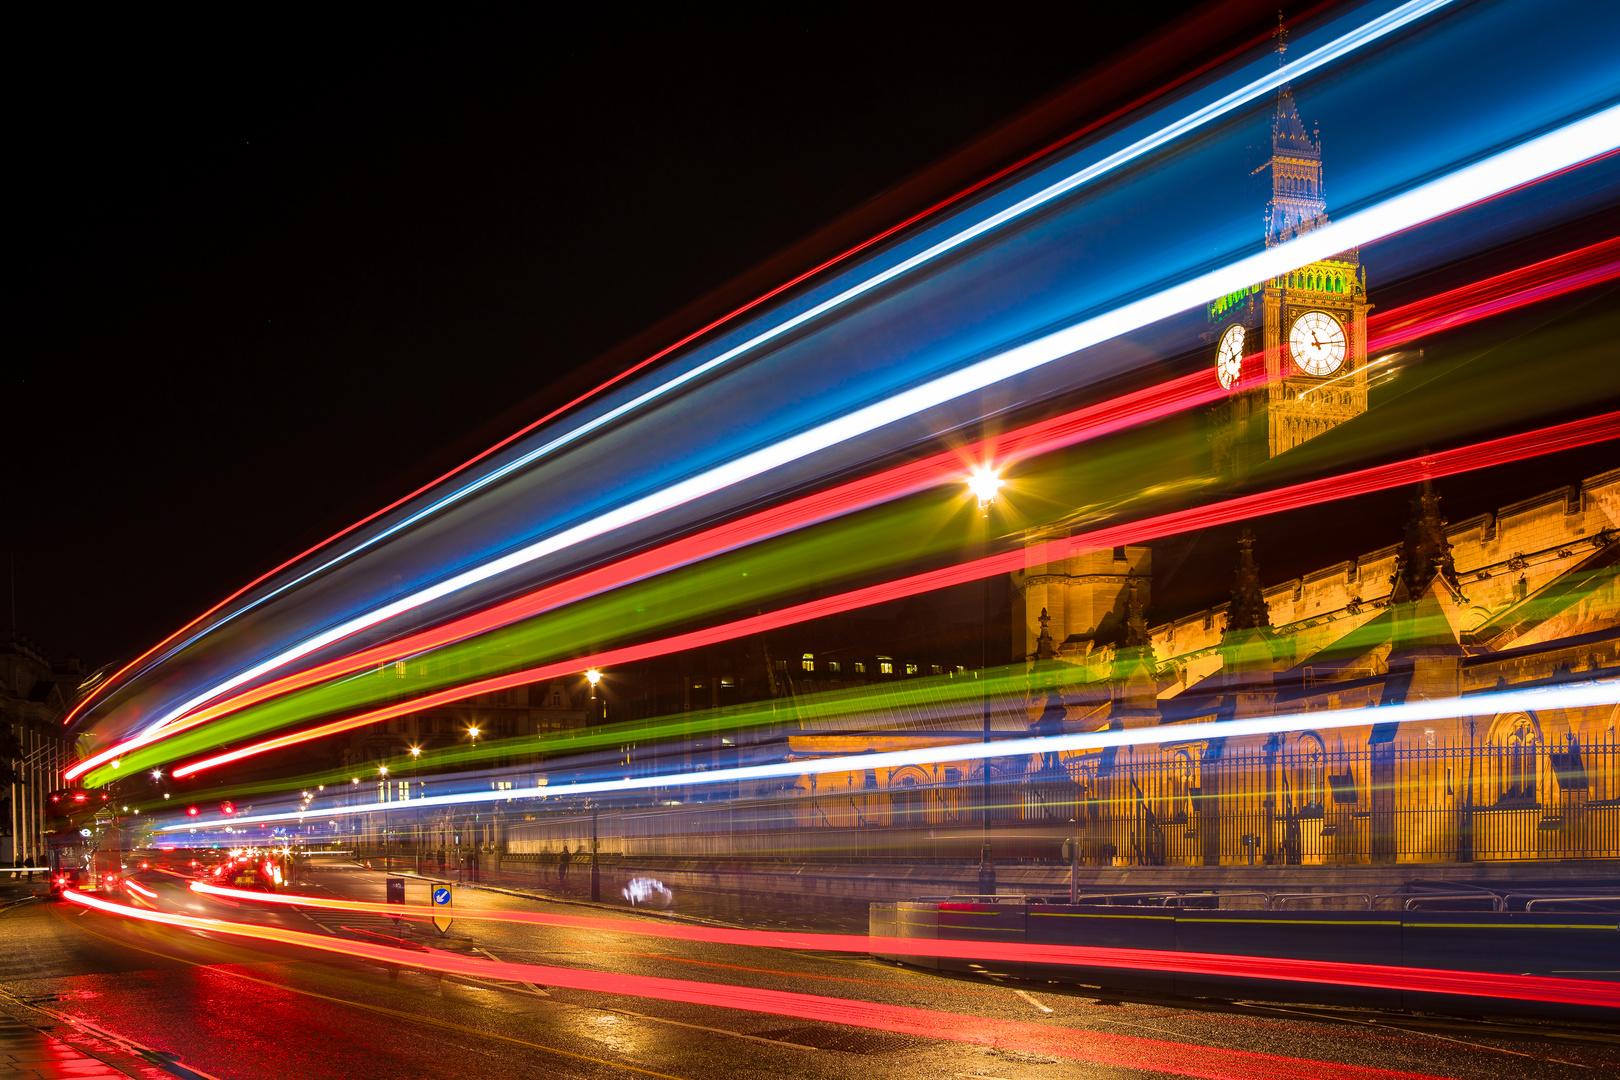 Busstreiflicht in London